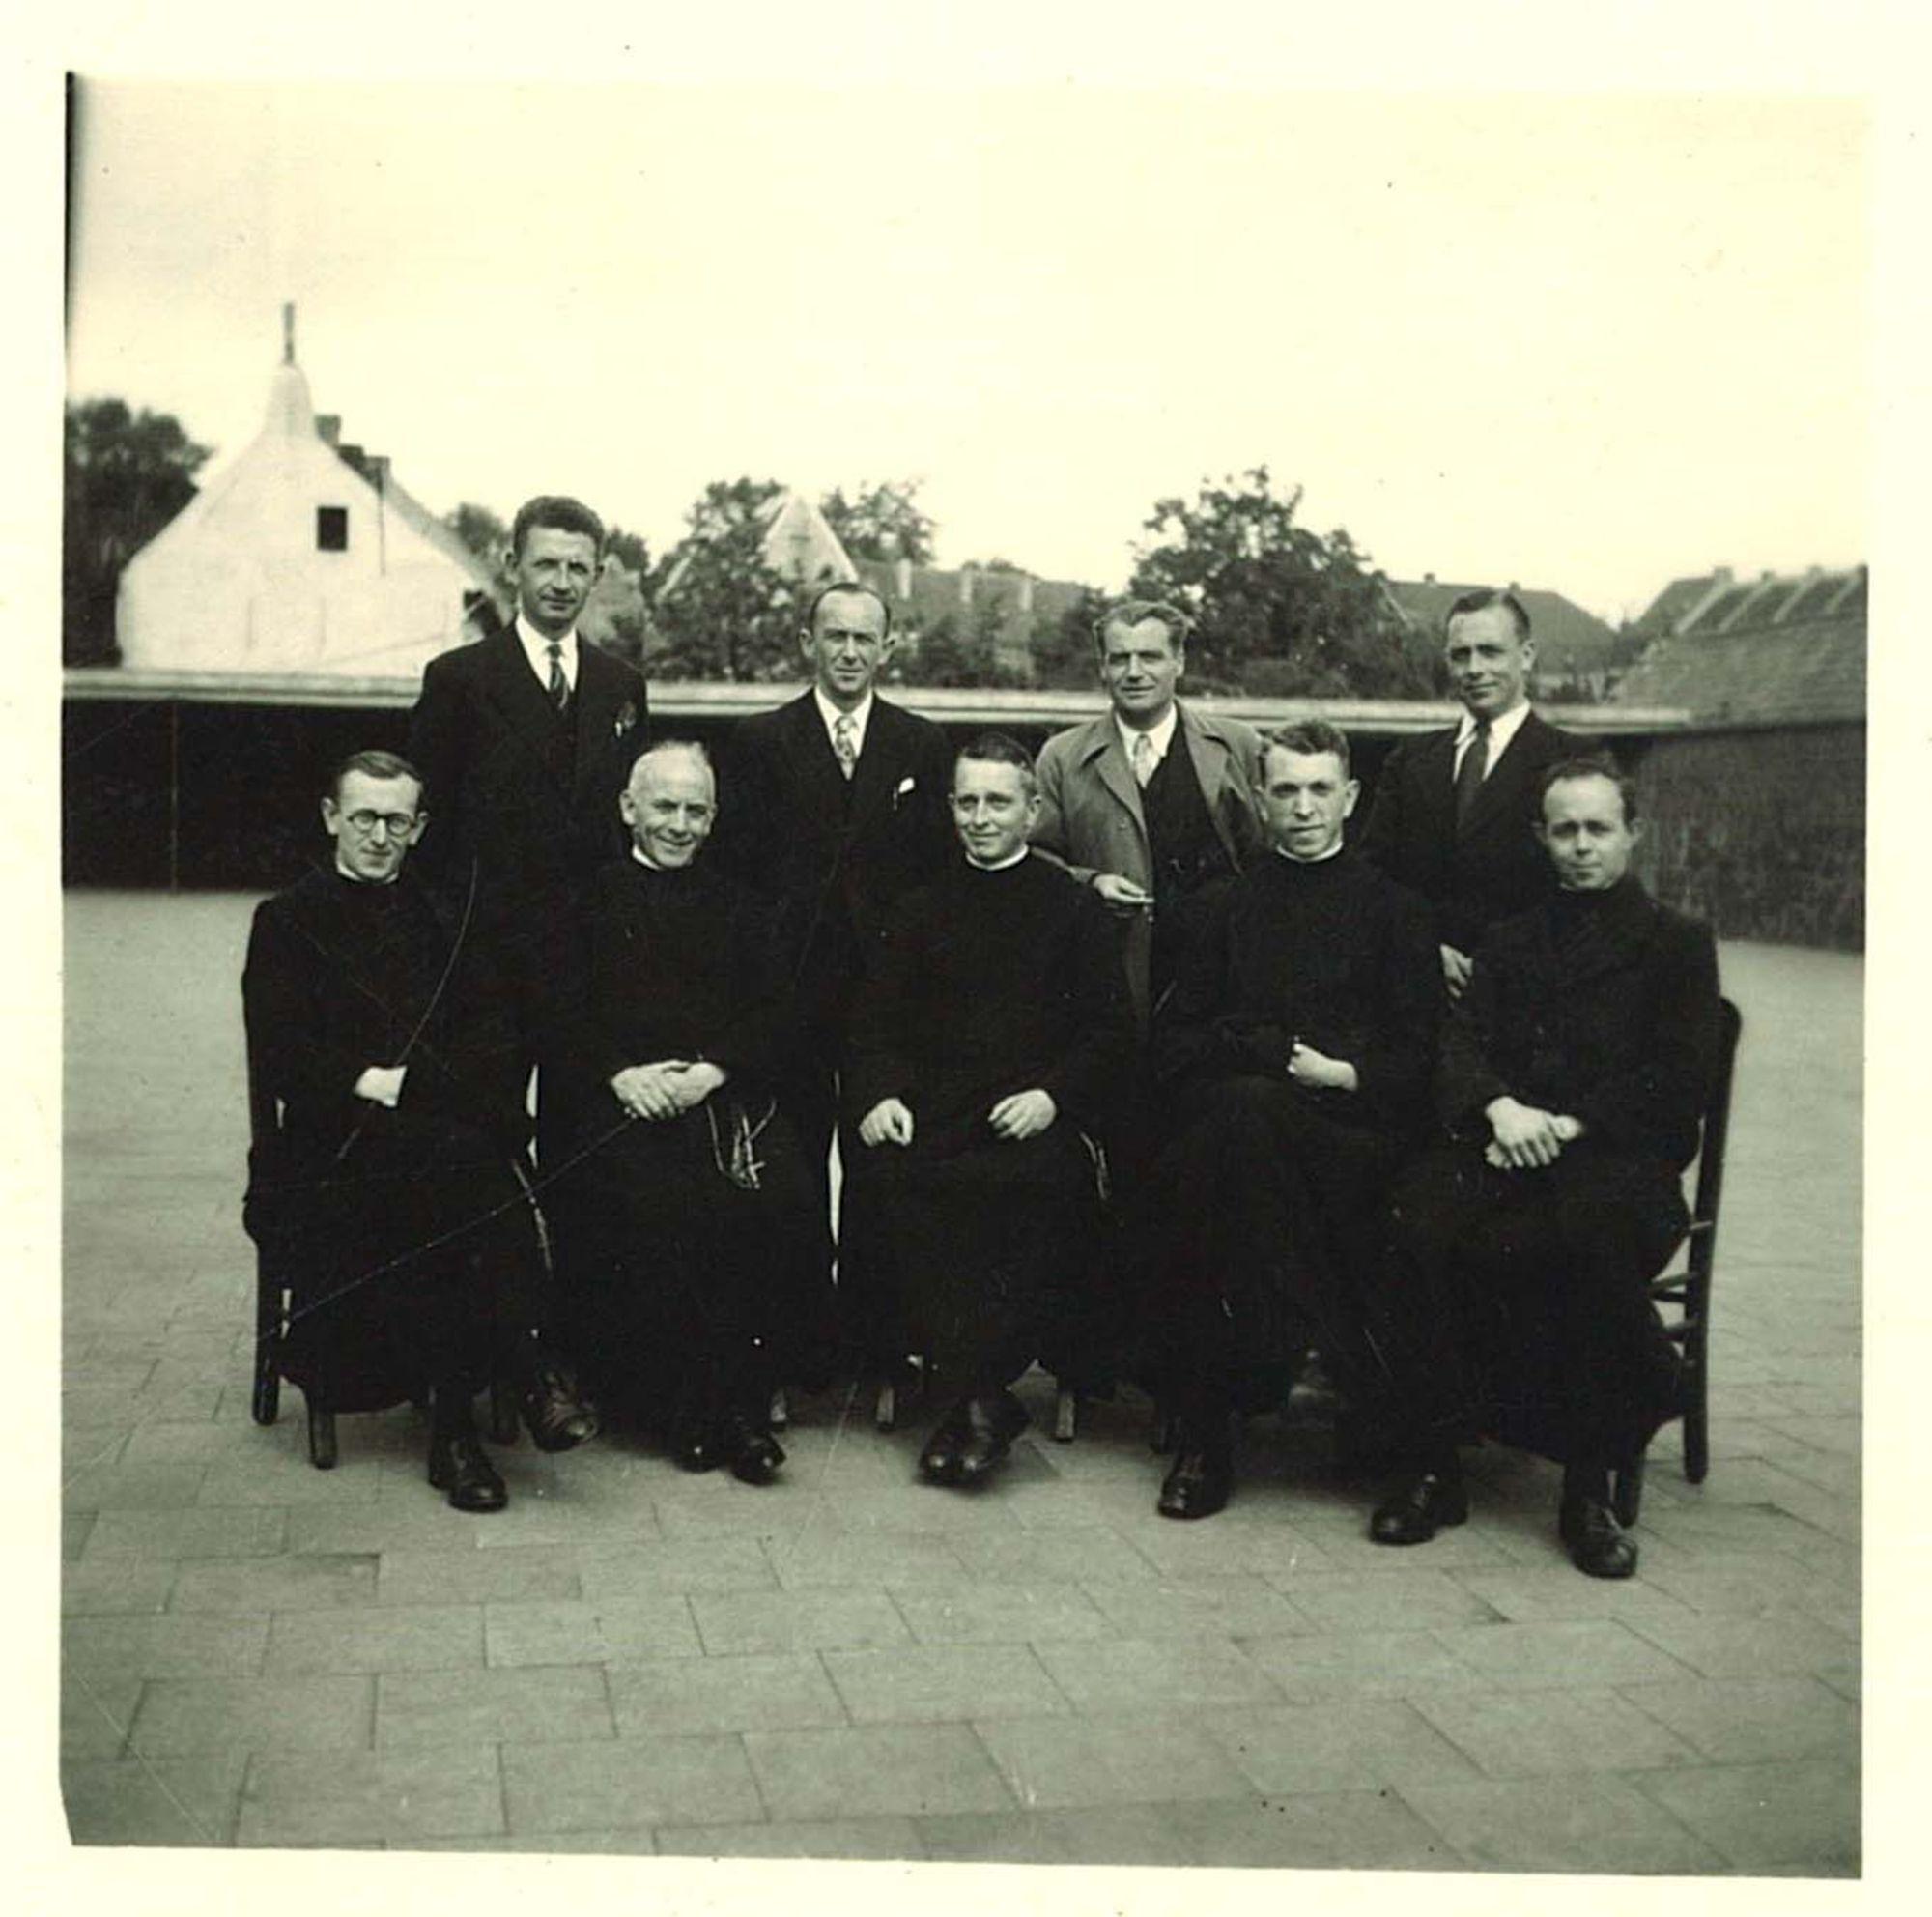 Groepsfoto van de broeders Overleie op de speelplaats